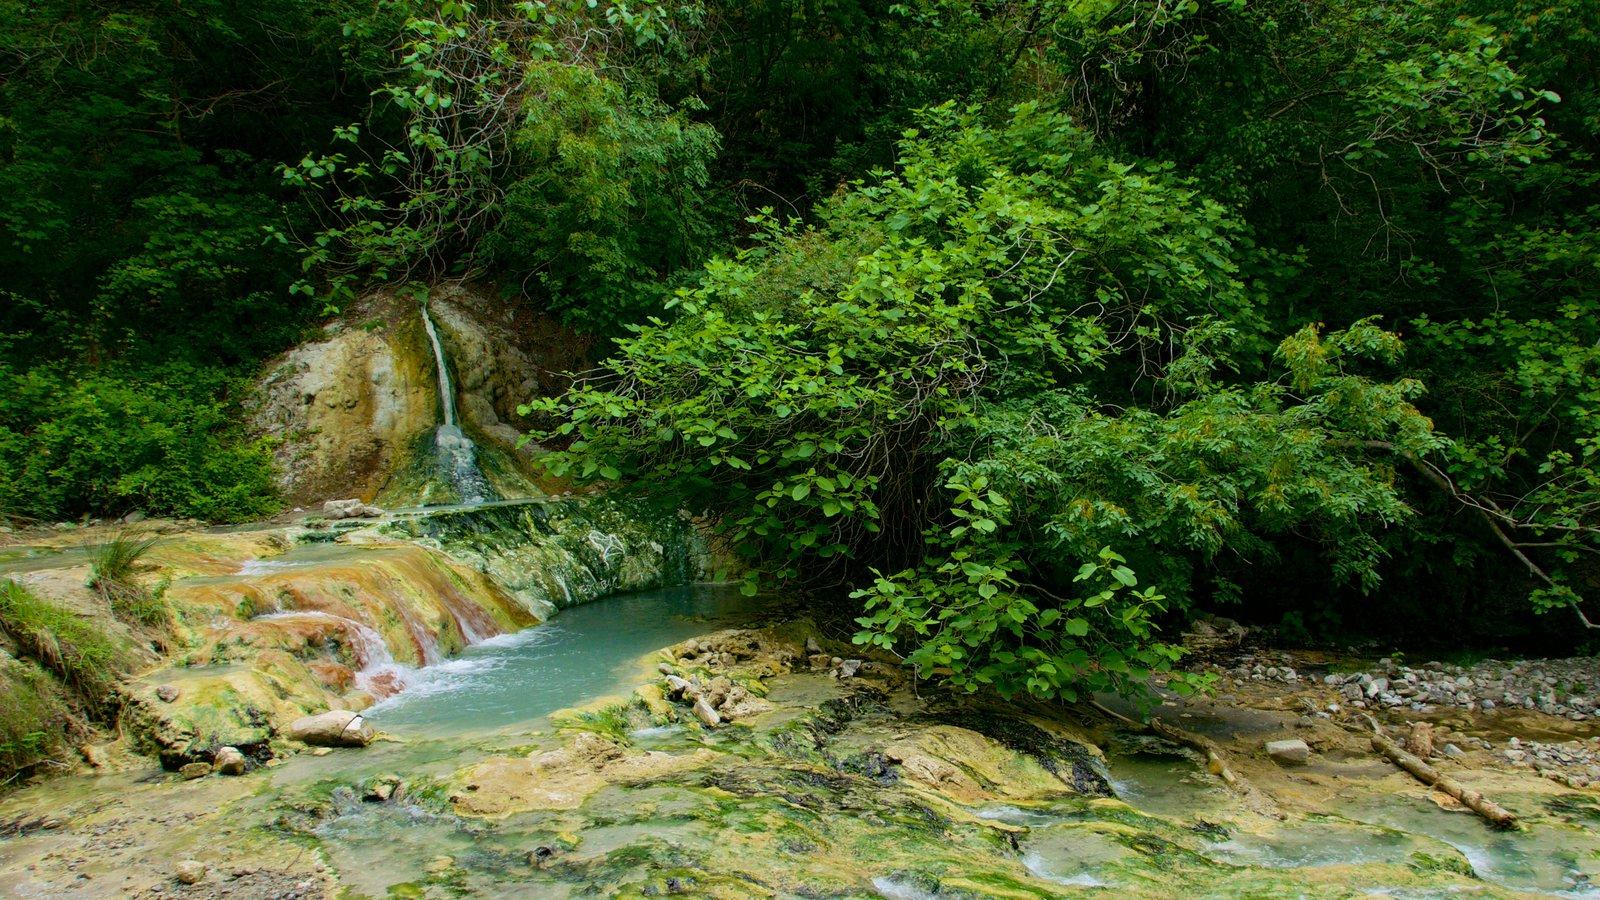 Siena pictures view photos images of siena - Bagni san filippo siena ...